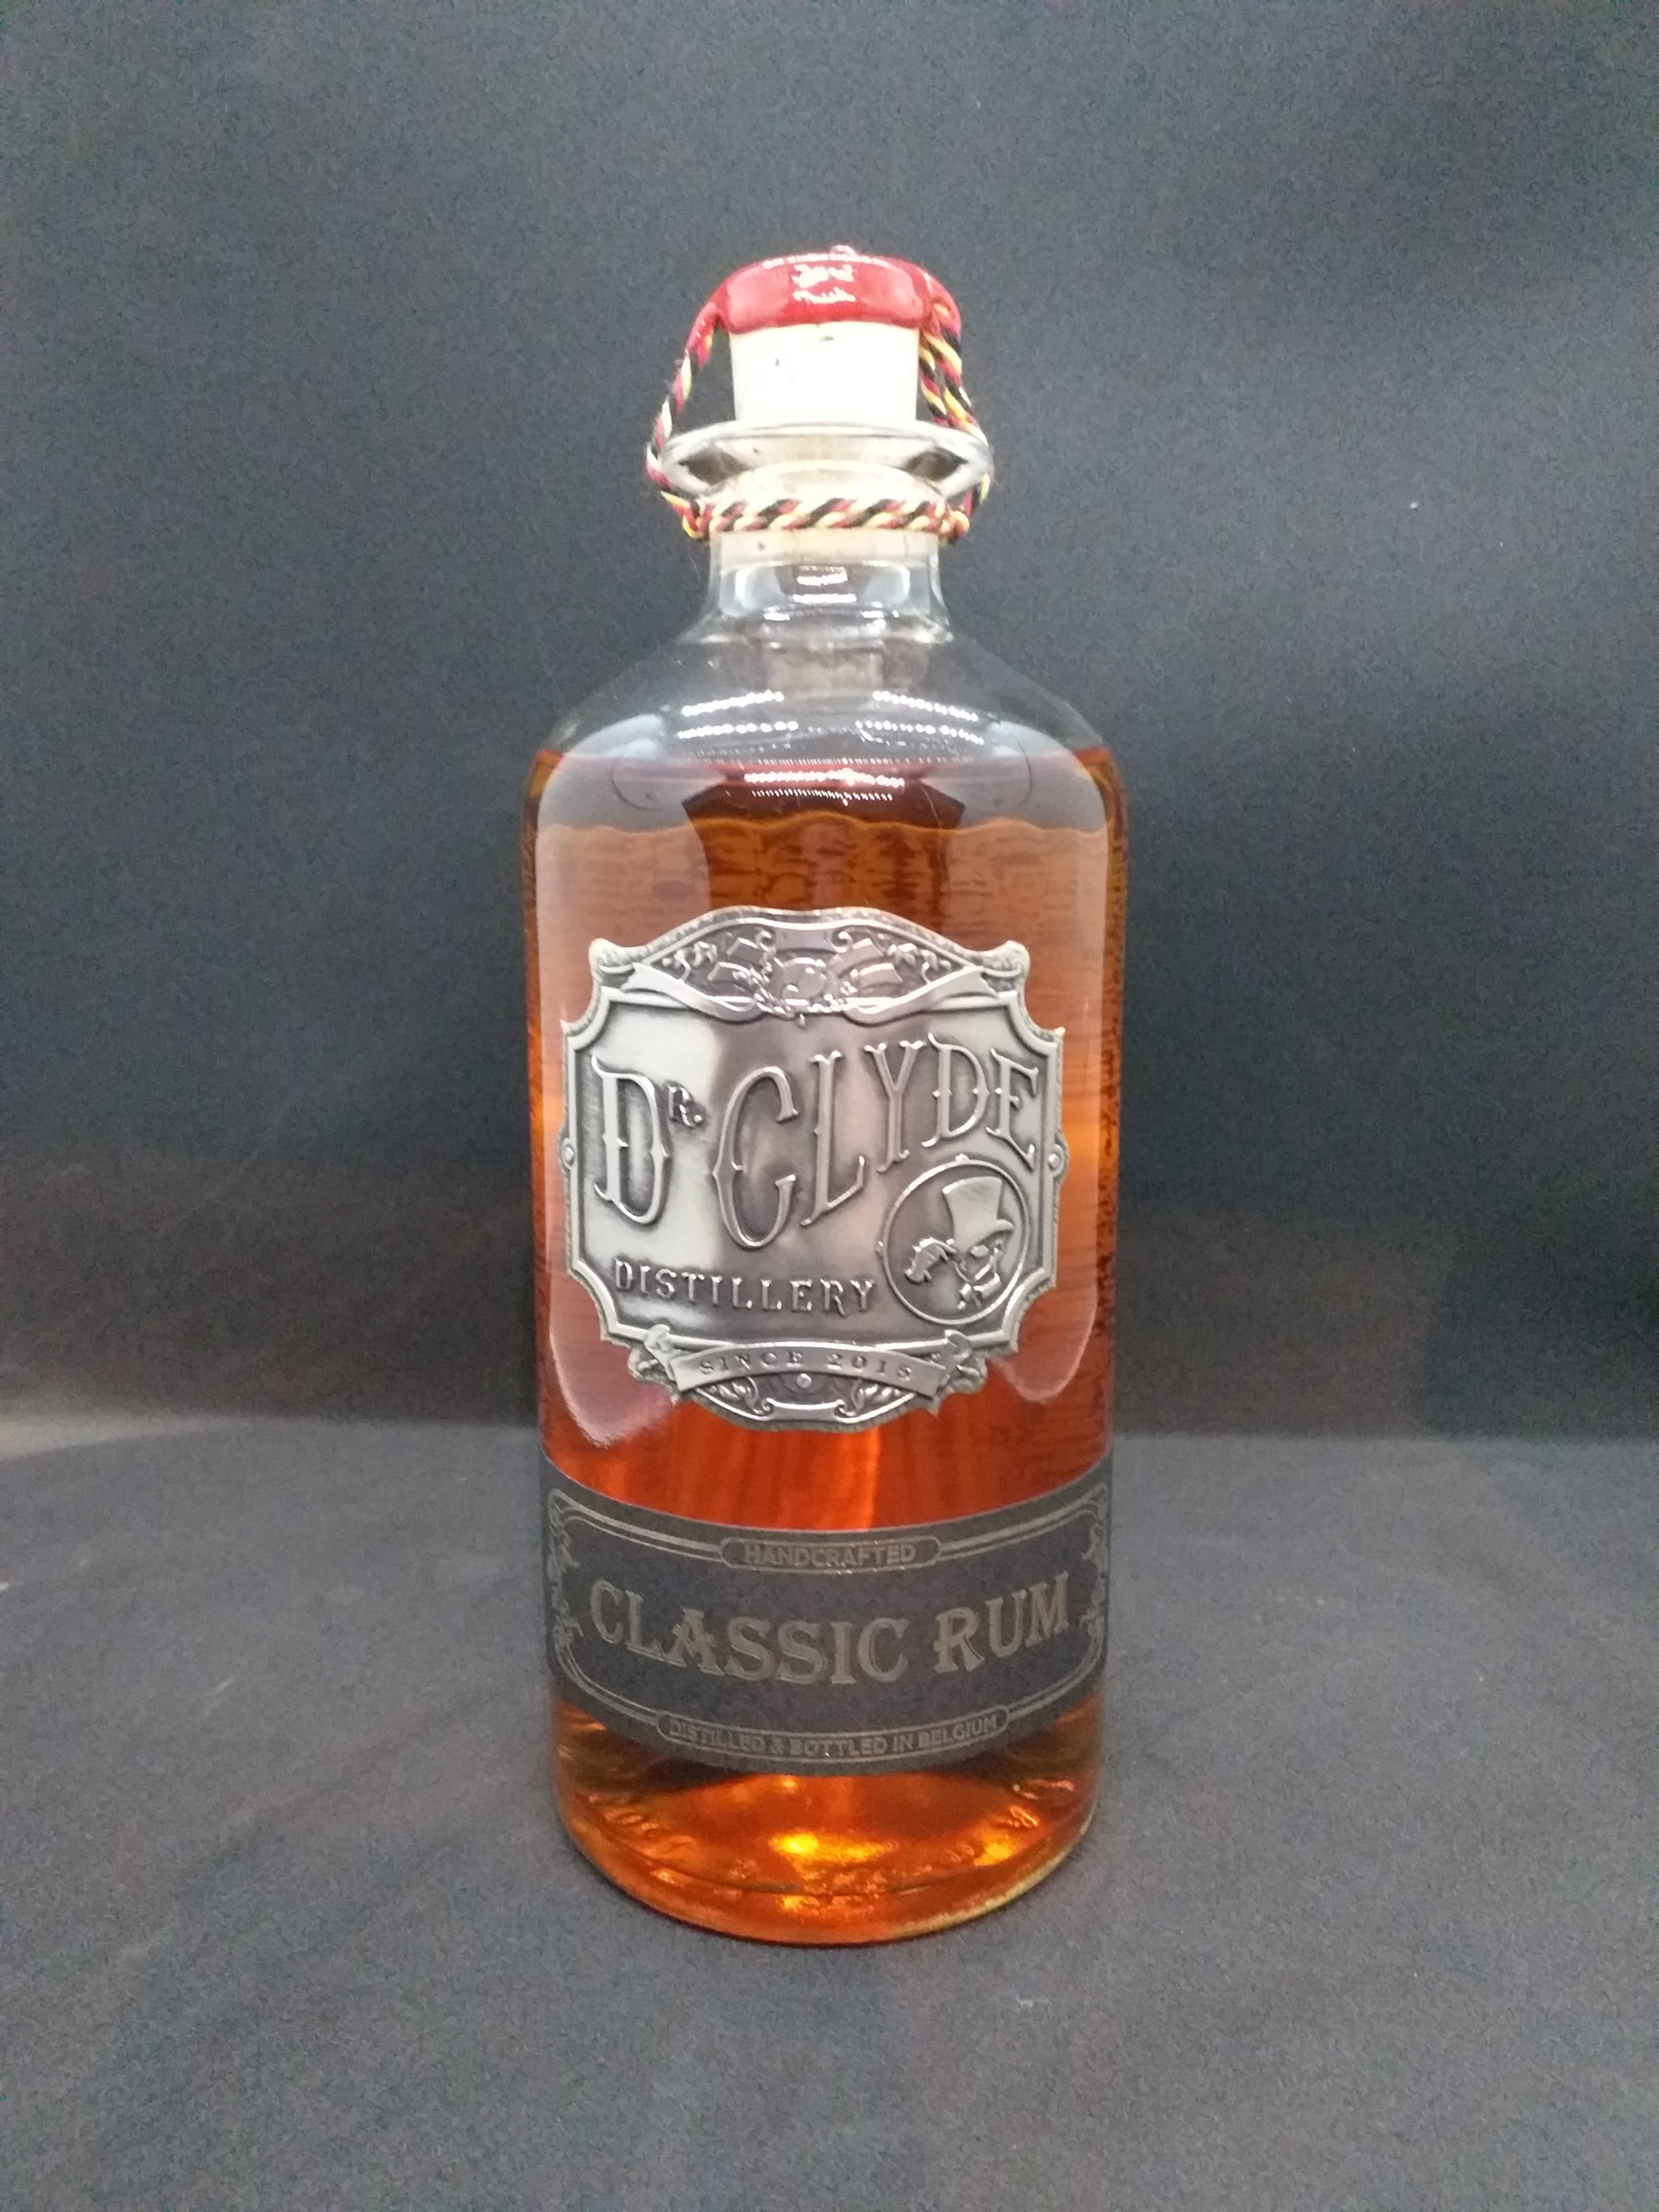 Le Classic Rum du Dr Clyde (c) Dr Clyde